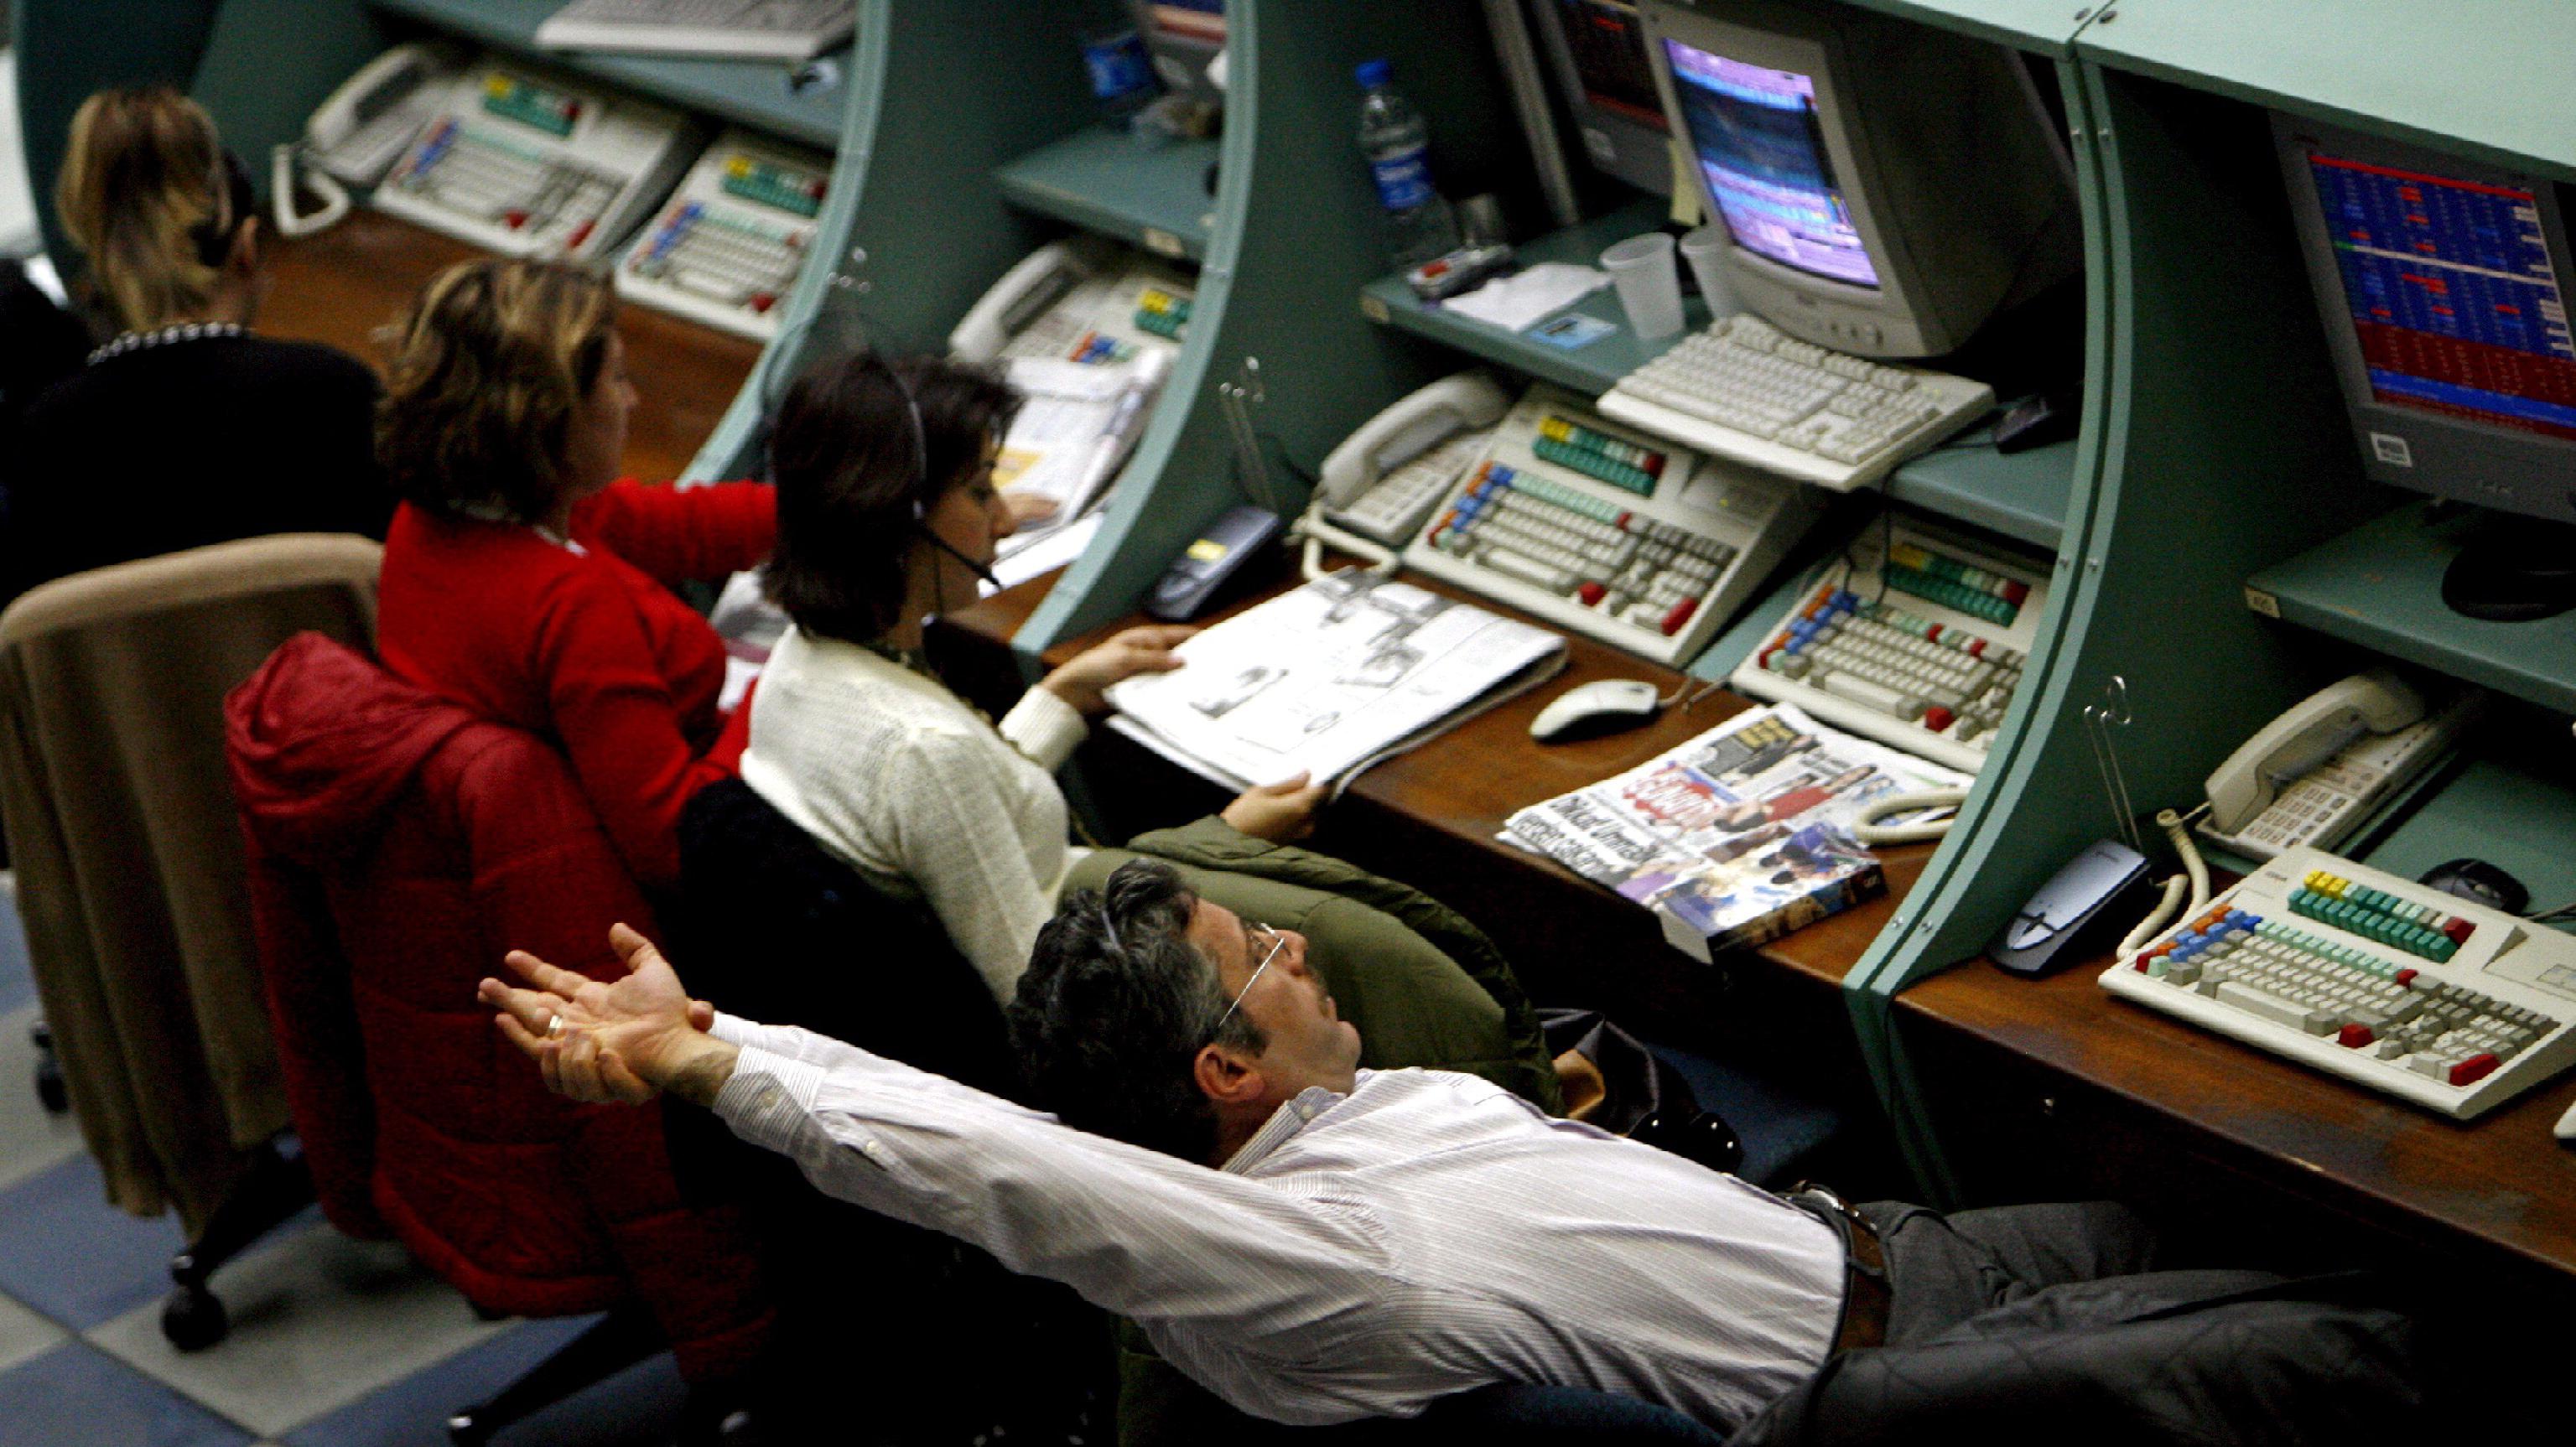 e1c49089b3 Borse Ue in profondo rosso: venerdì nero - IlGiornale.it